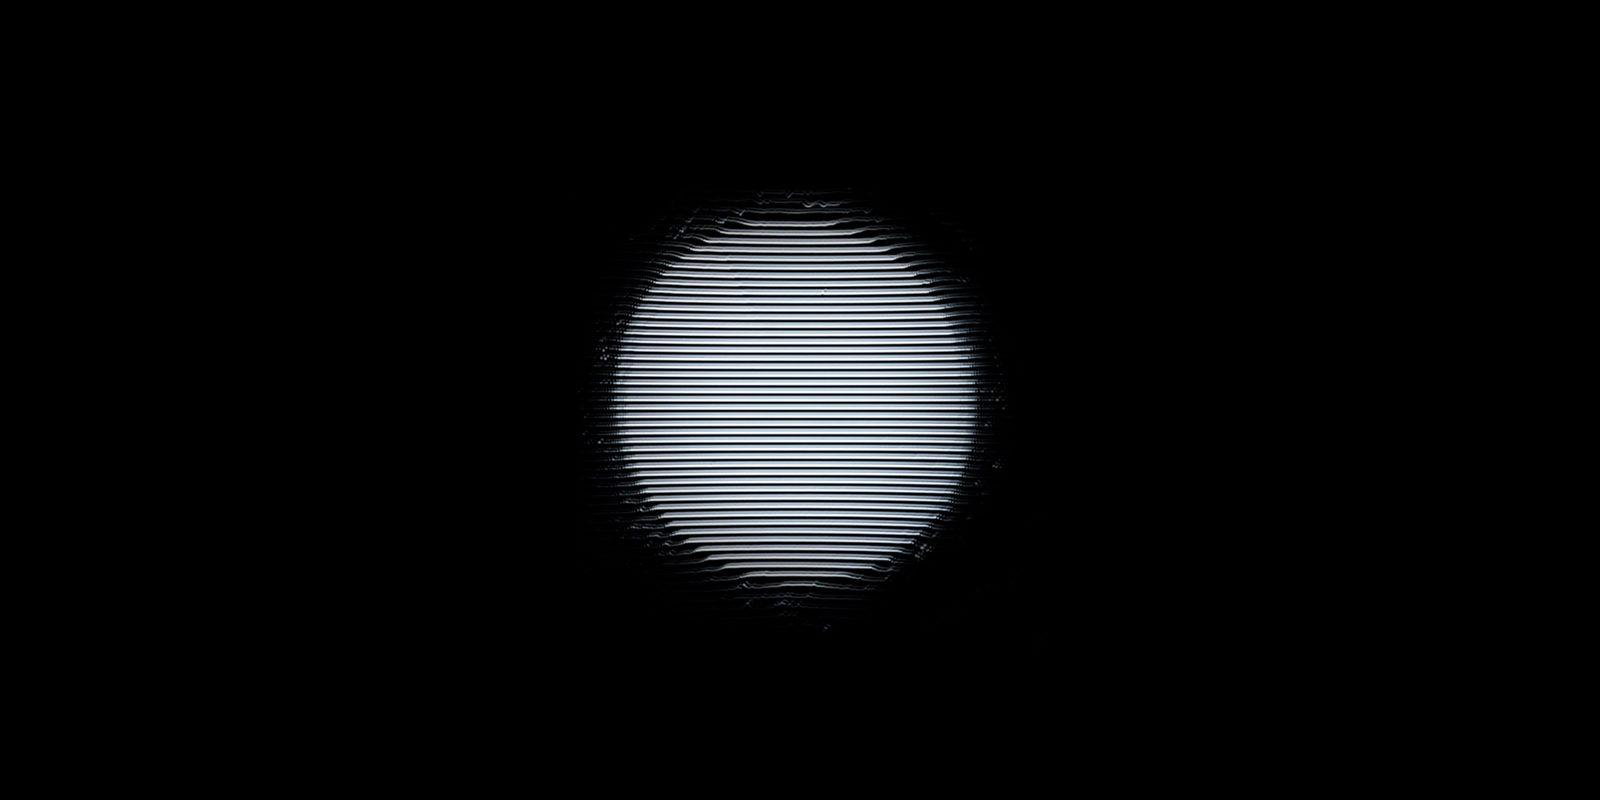 Molécule – Acousmatic360°